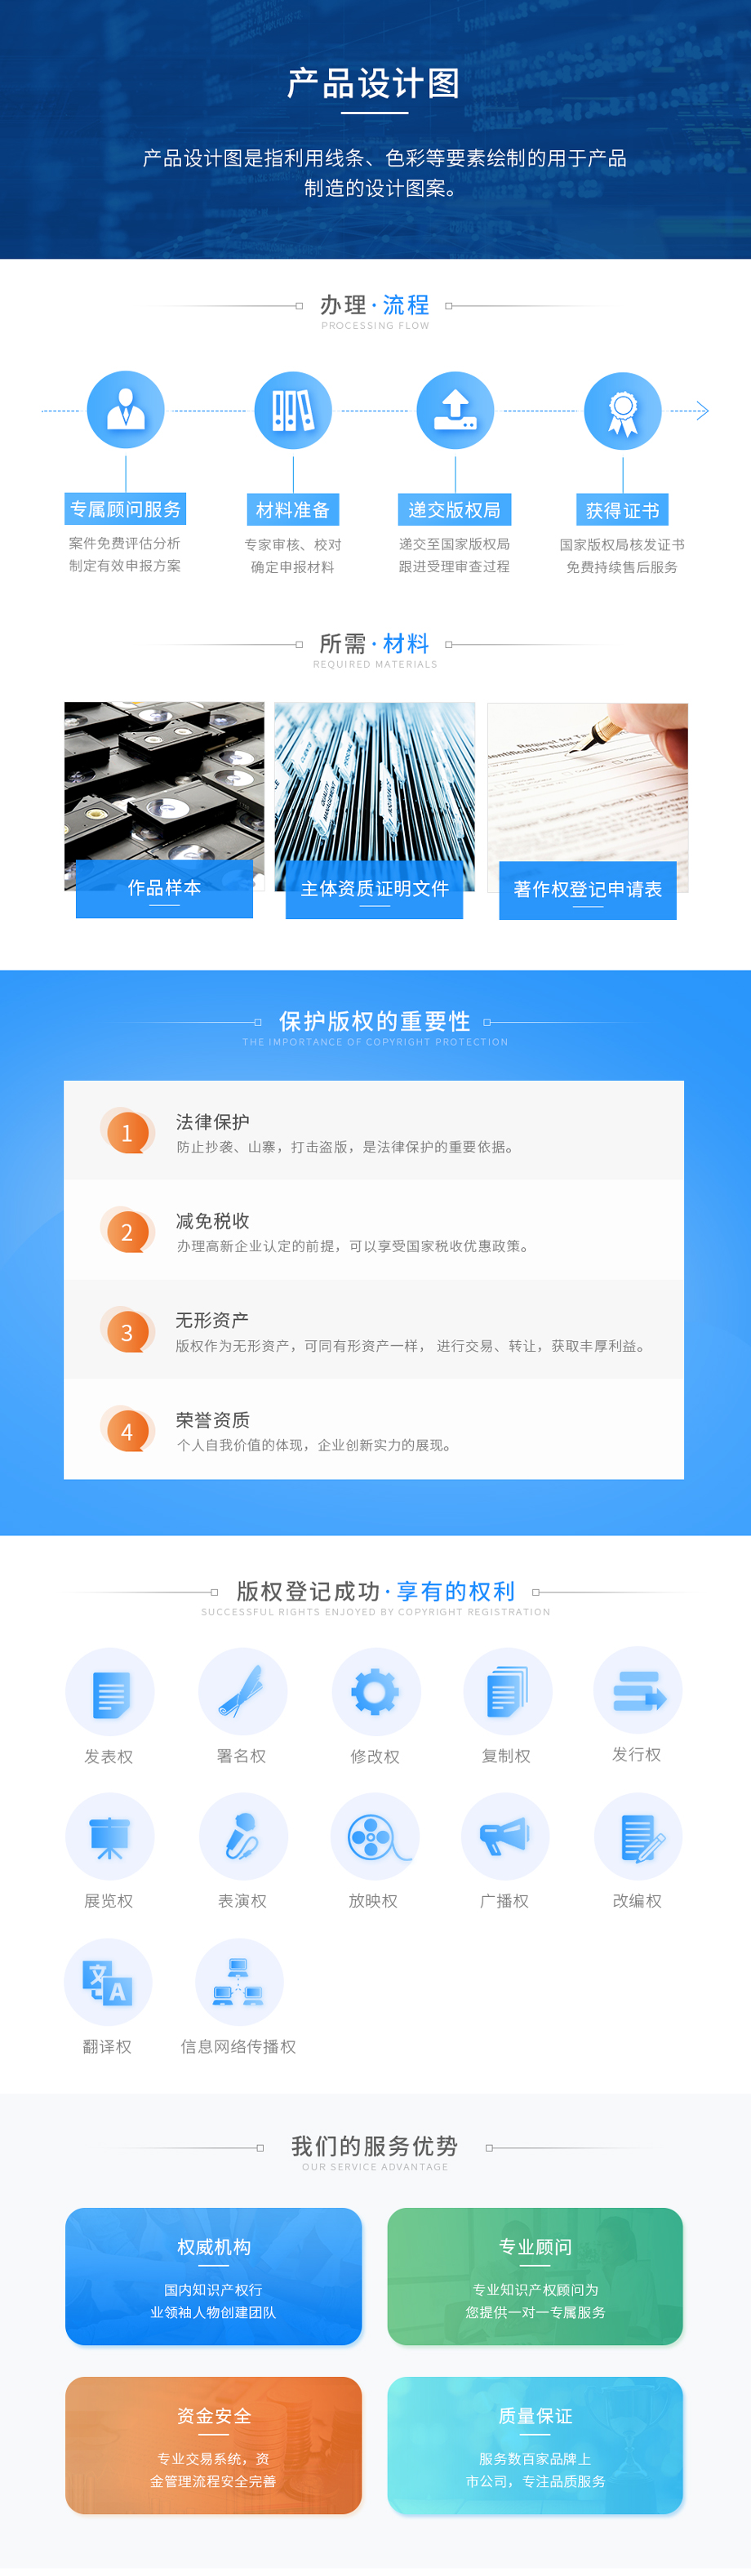 产品设计图著作权登记_01.jpg